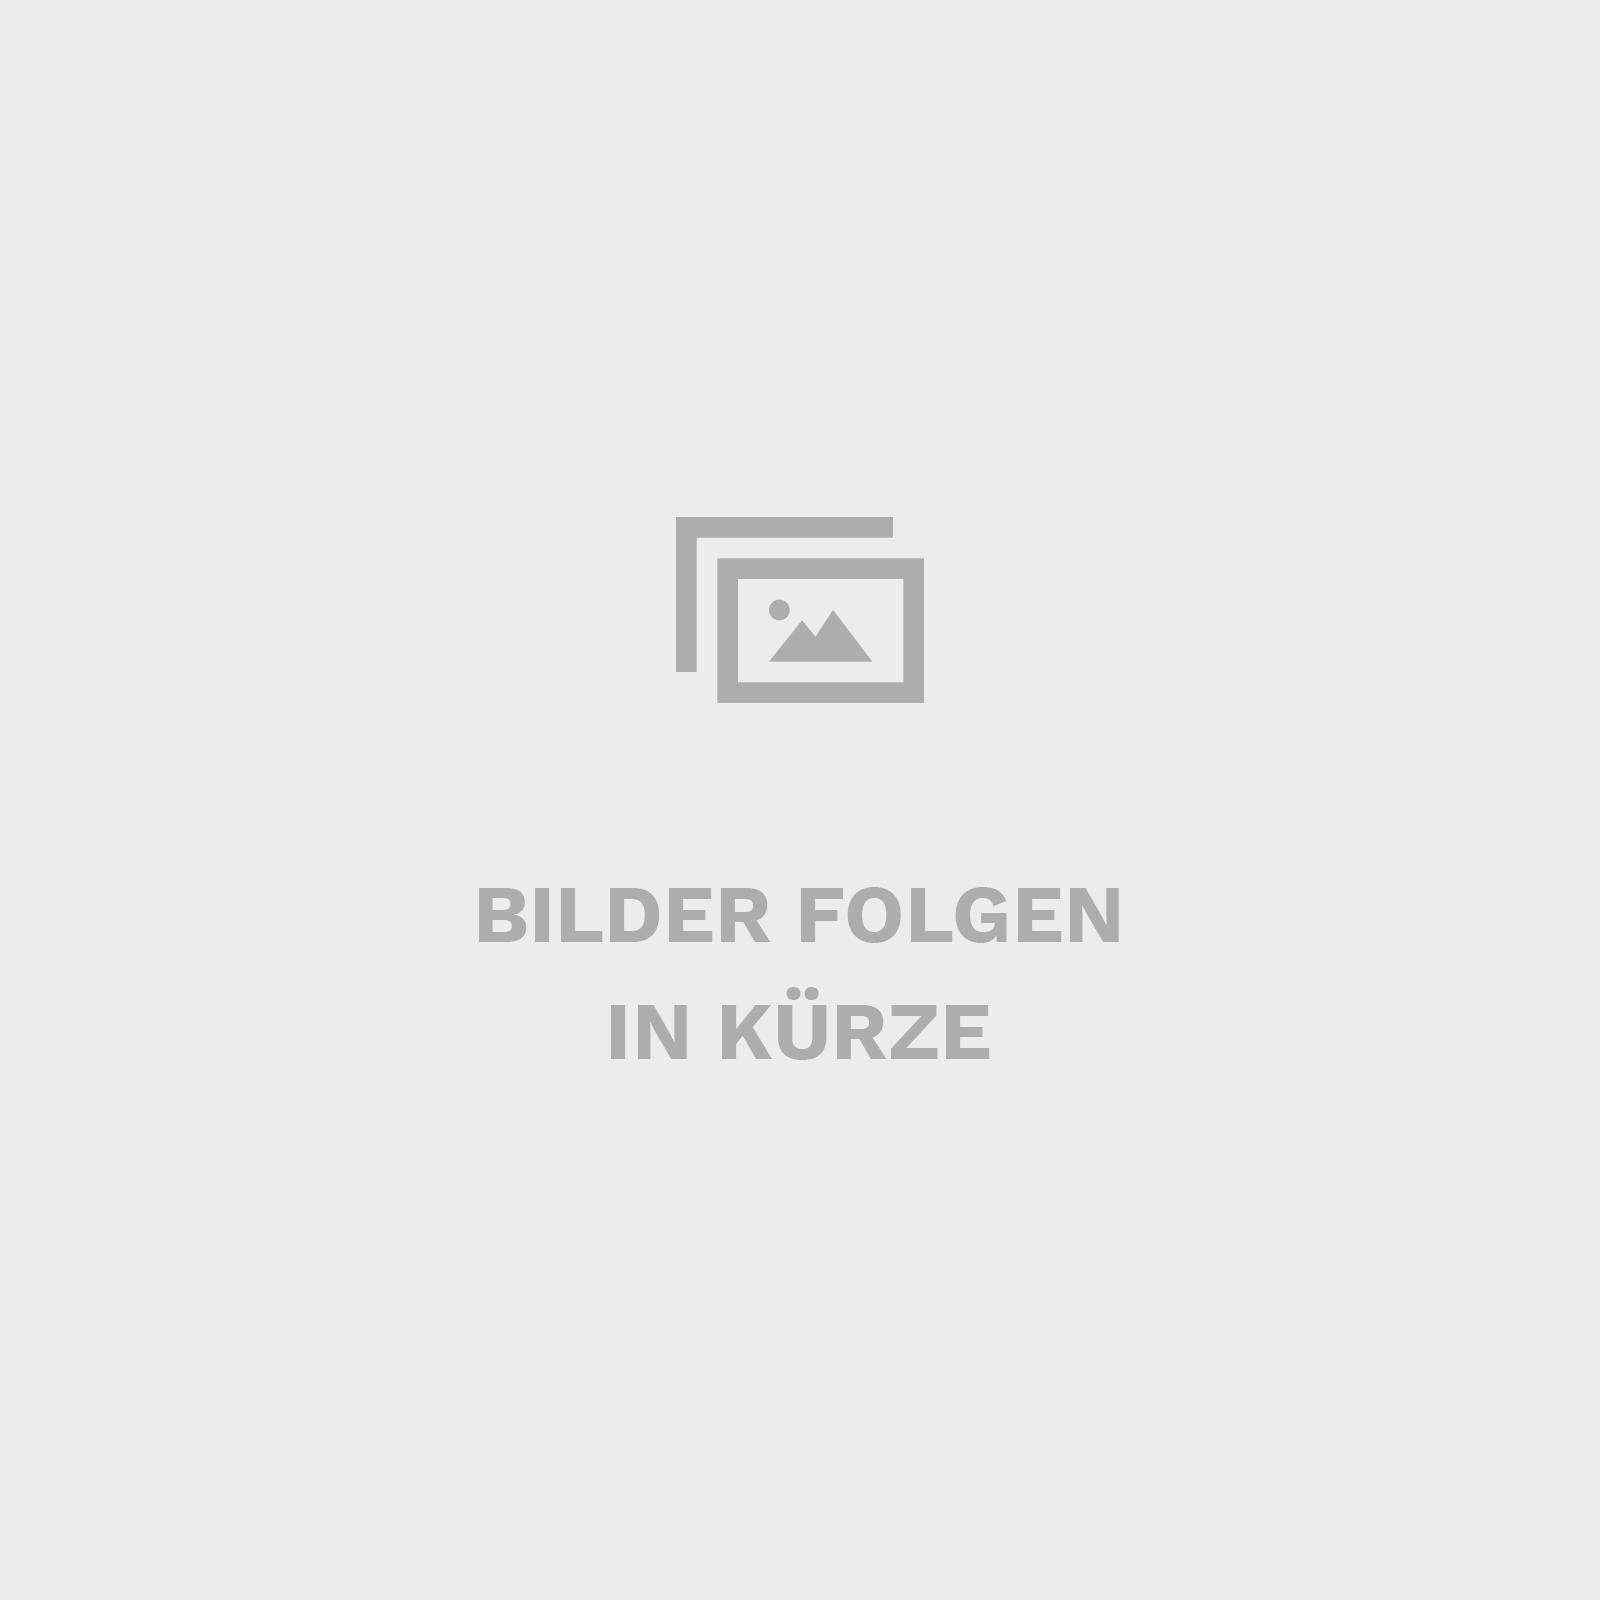 Cenit - Farbe 03 beige/creme